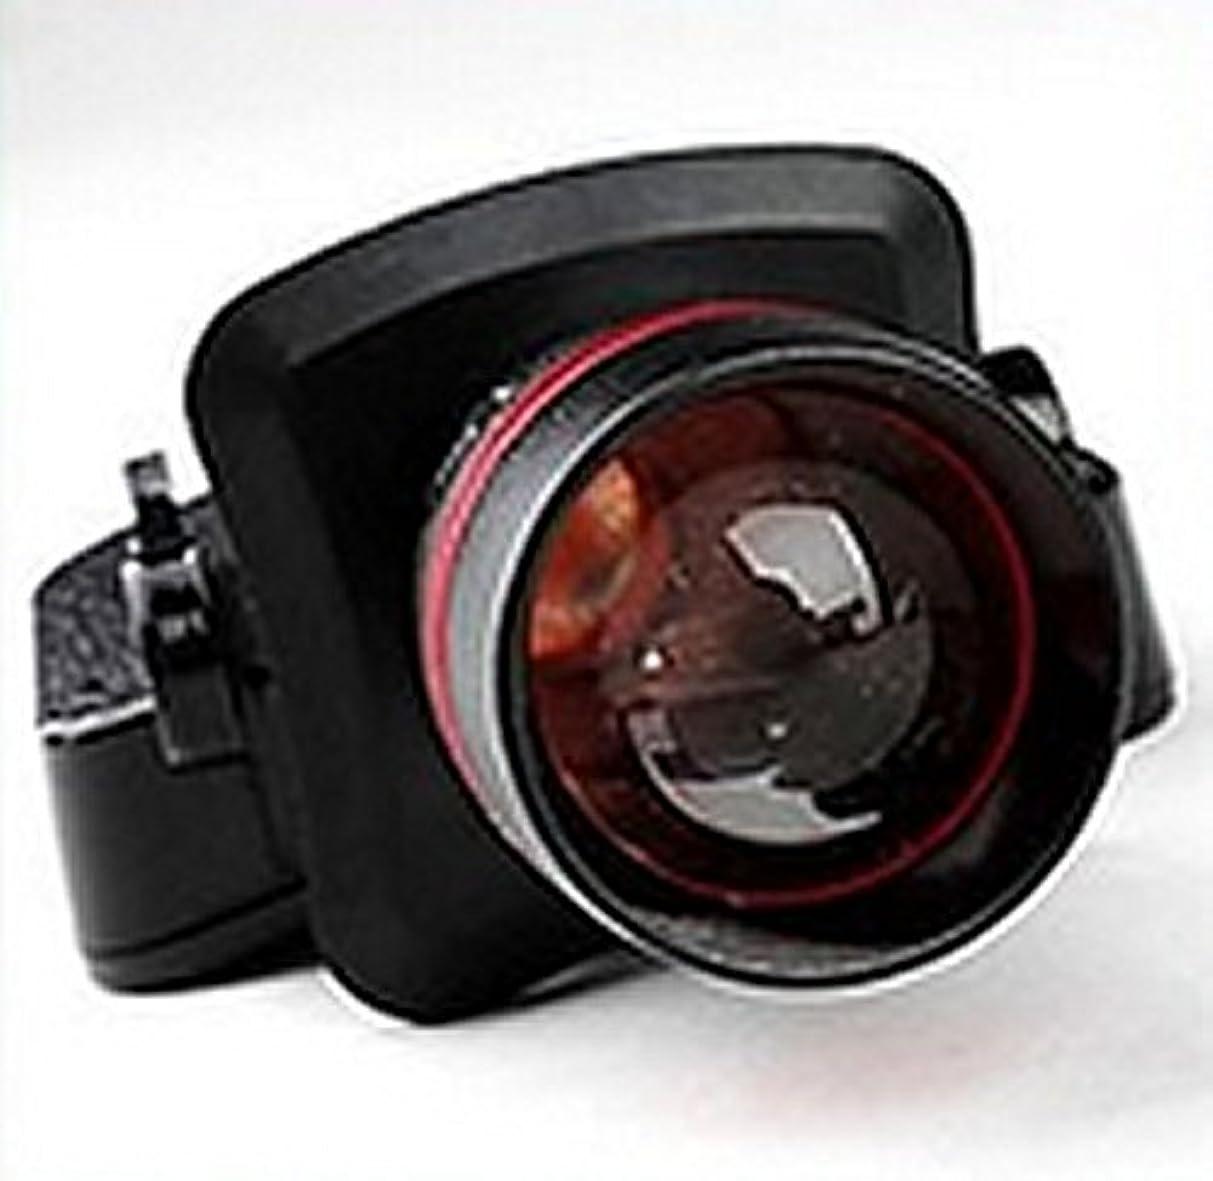 マート親愛な必須夜釣り アウトドア キャンプ ヘッドライト LEDライト クリップ式 角度調節 キャップライト